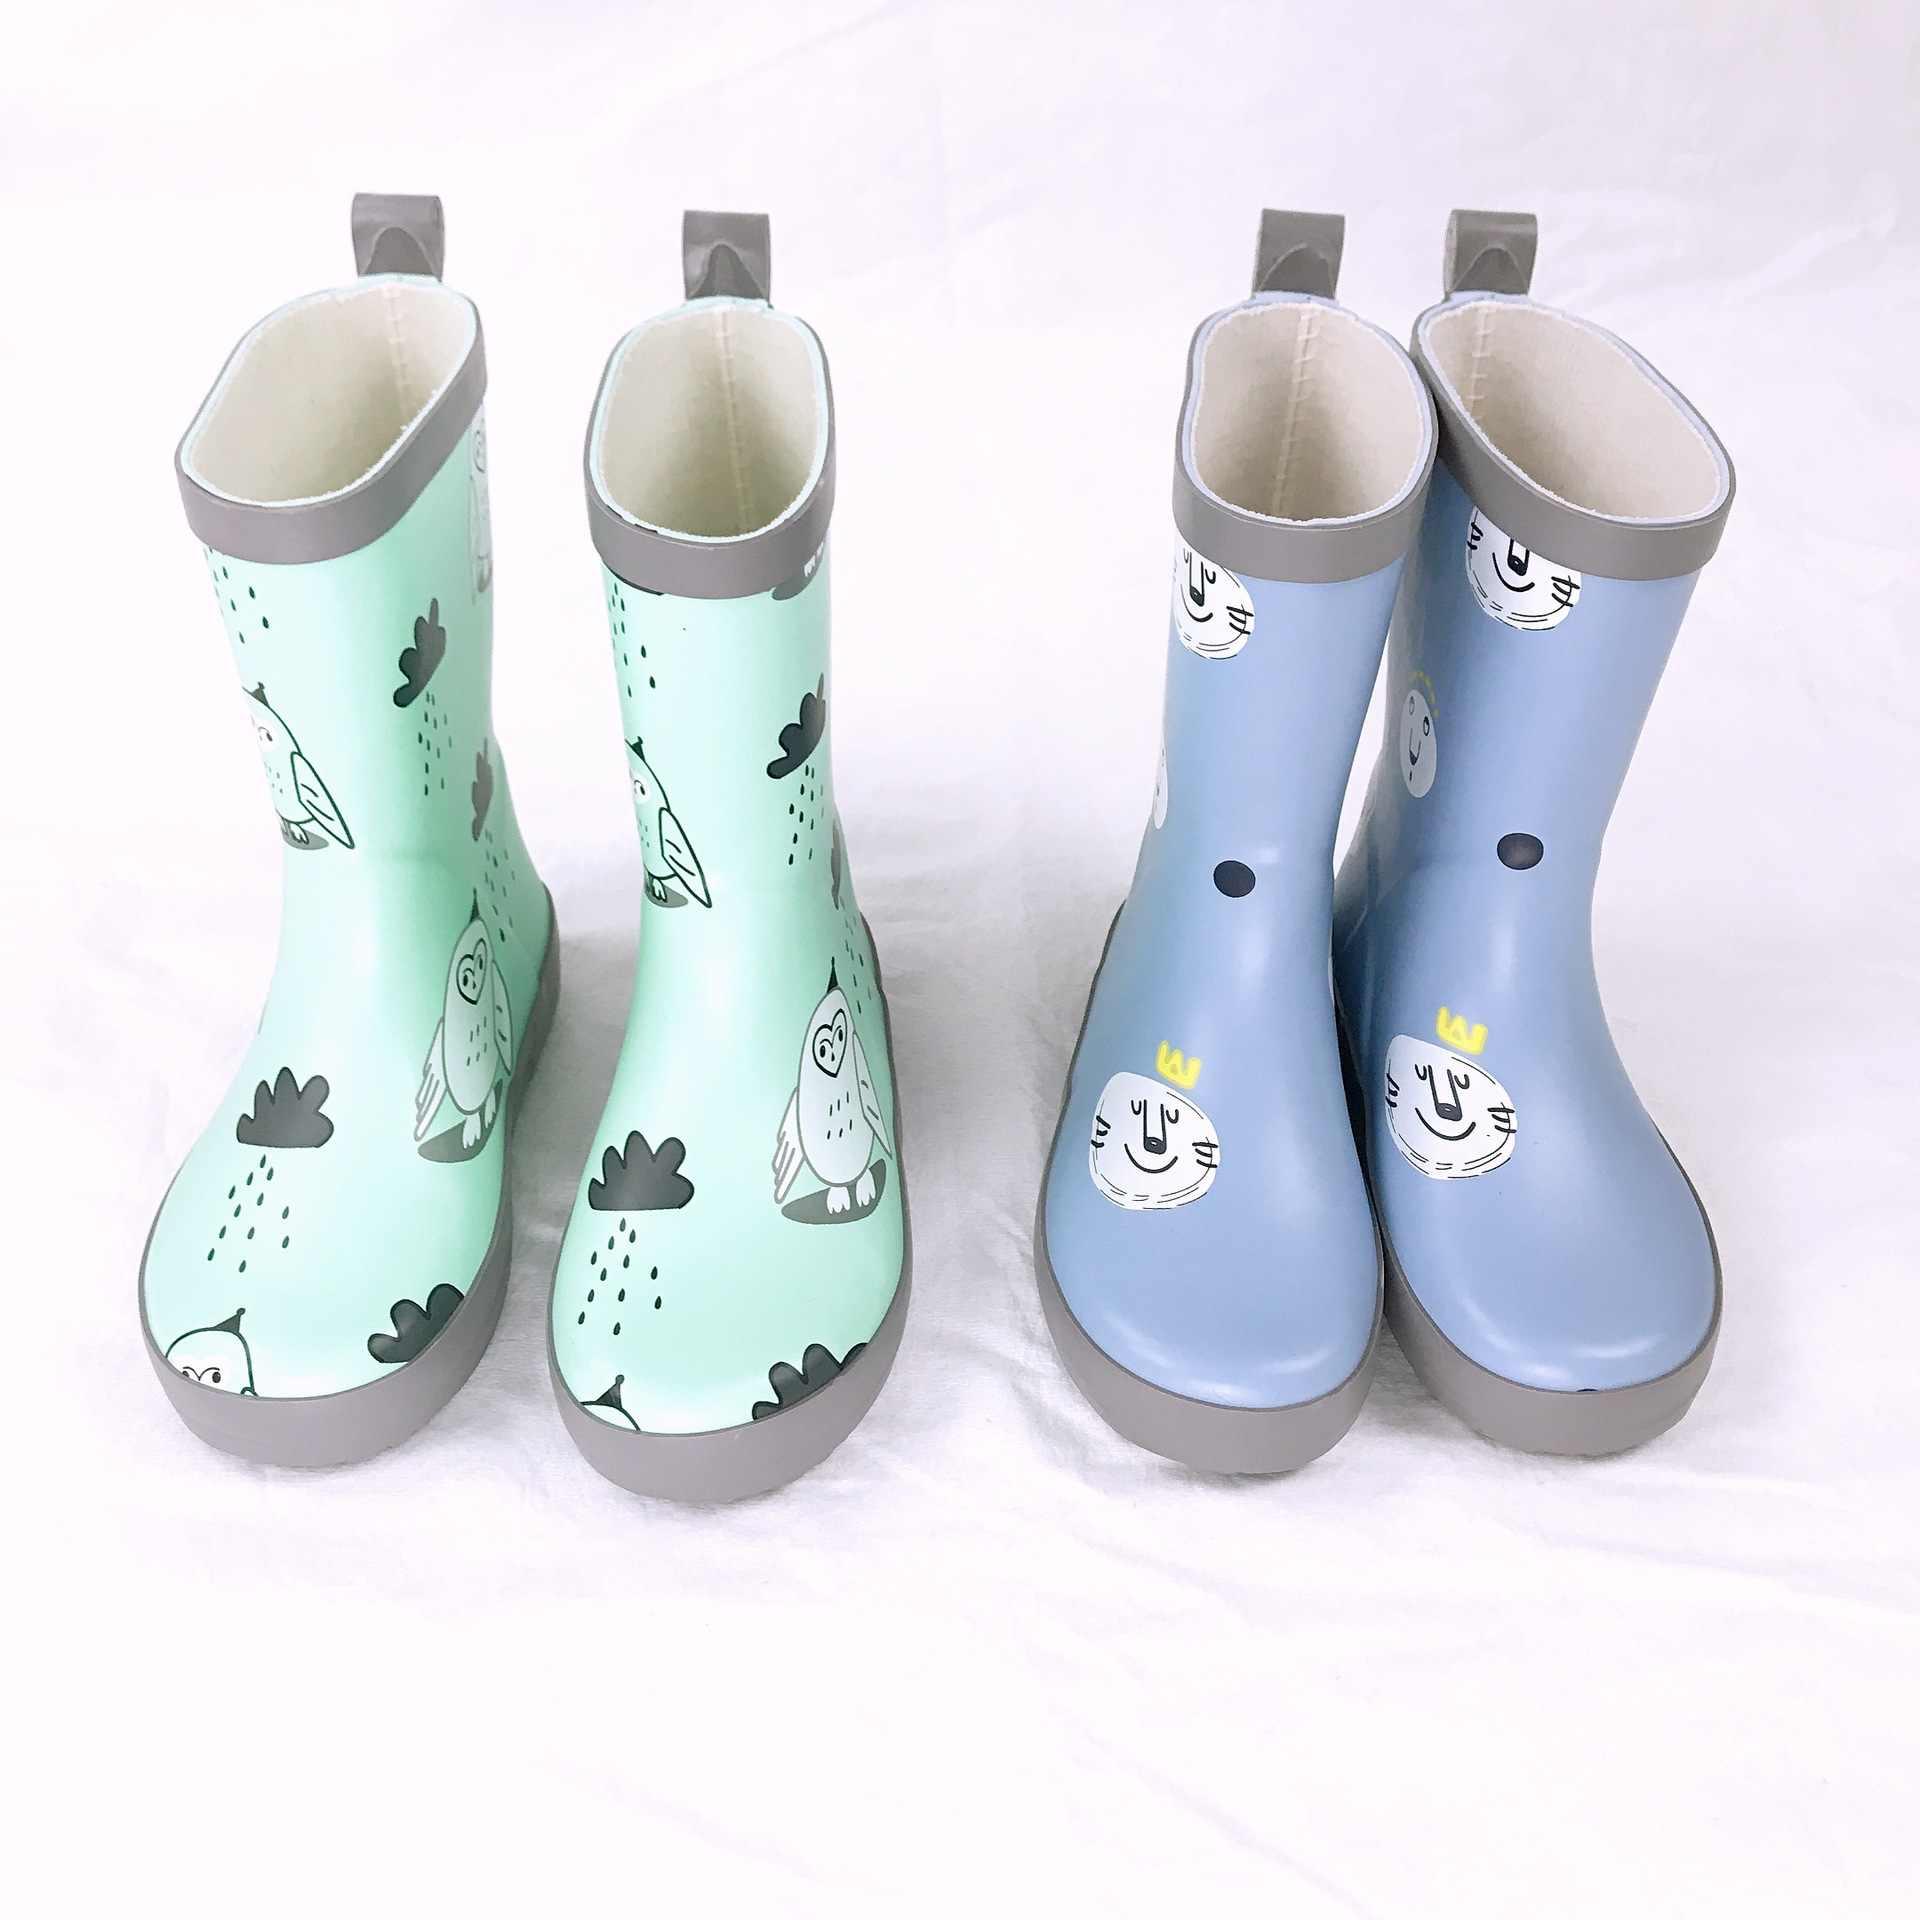 Celveroso/непромокаемые сапоги для девочек; милые детские резиновые сапоги с рисунком; Kalosze Dla Dzieci; Водонепроницаемая детская обувь